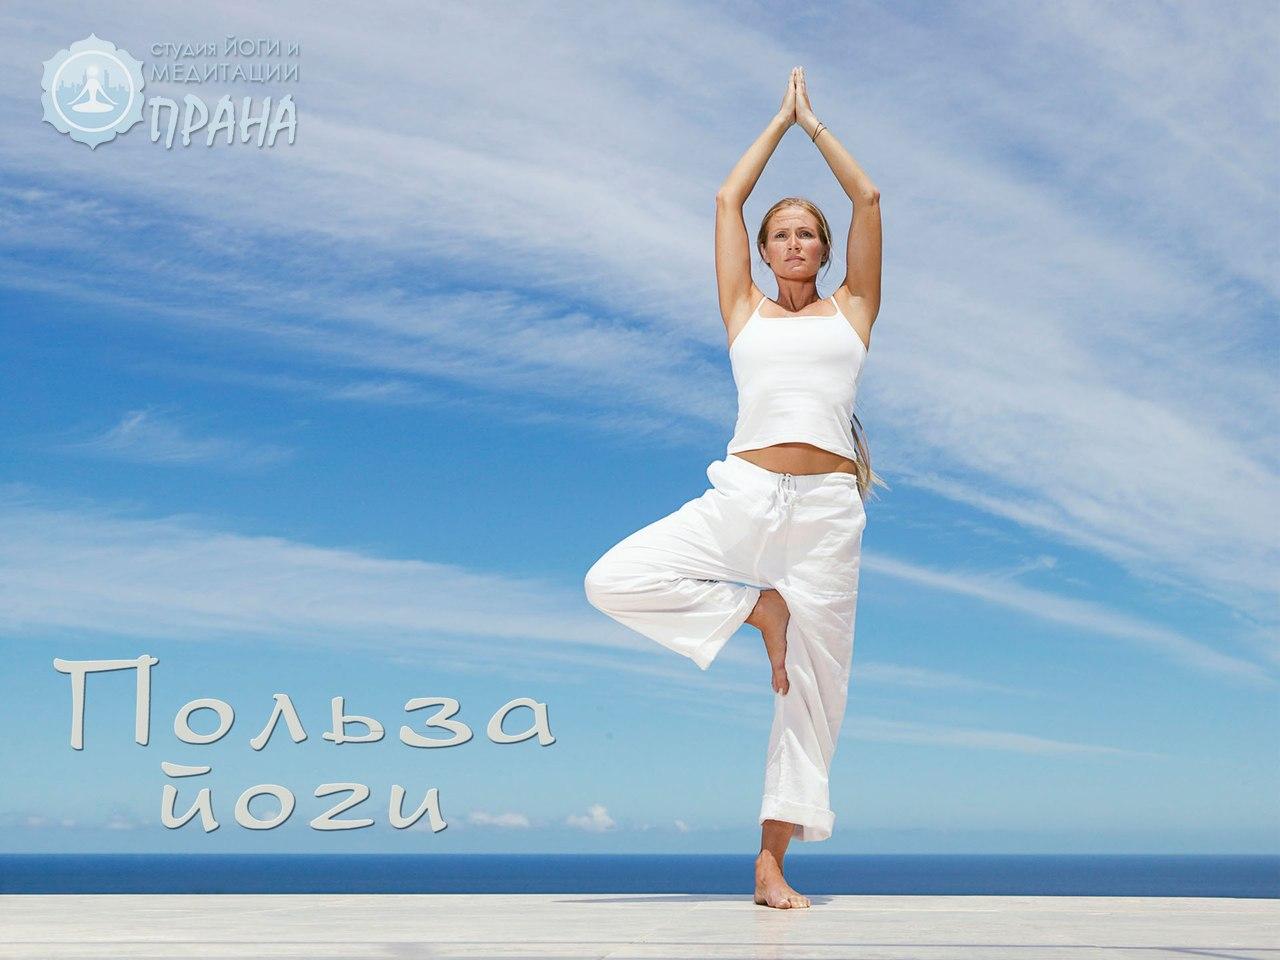 Хатха-Йога - наилучшая форма упражнений